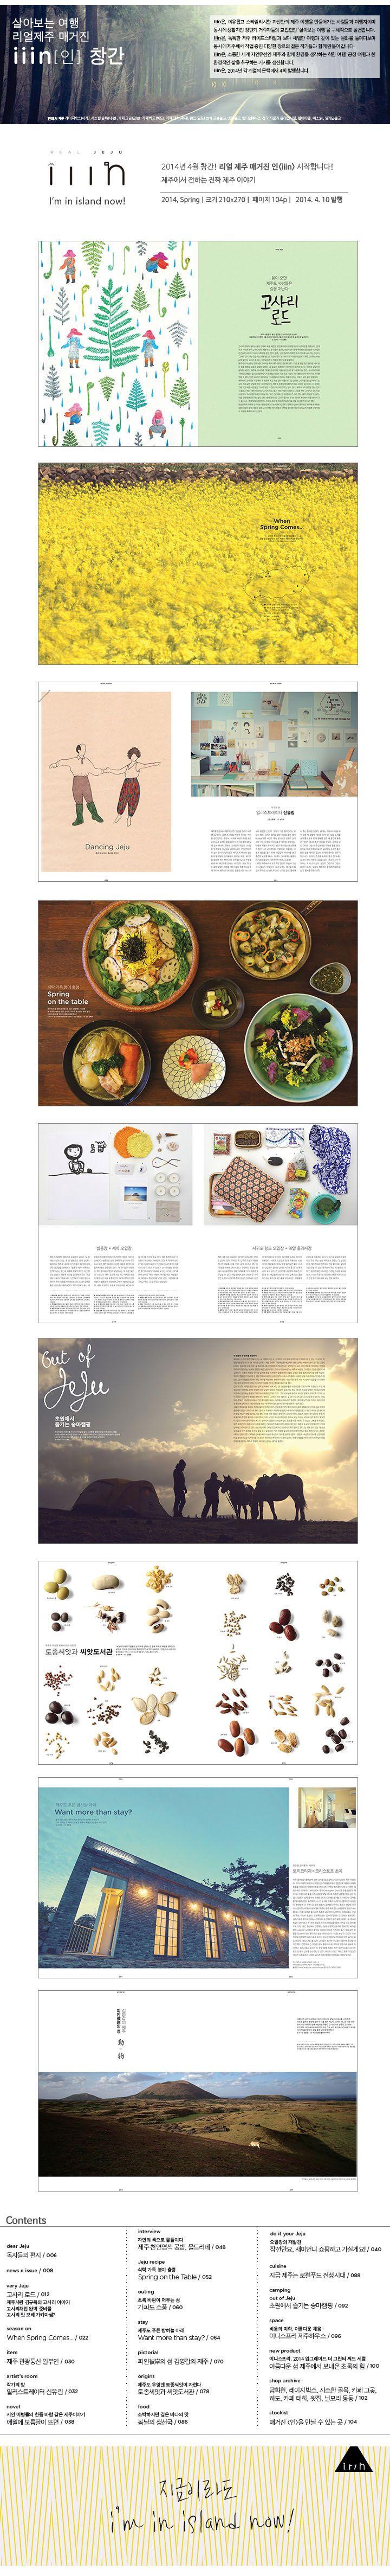 제주 잡지를 창간했어요. 리얼 제주 매거진 인 iiin : 네이버 블로그